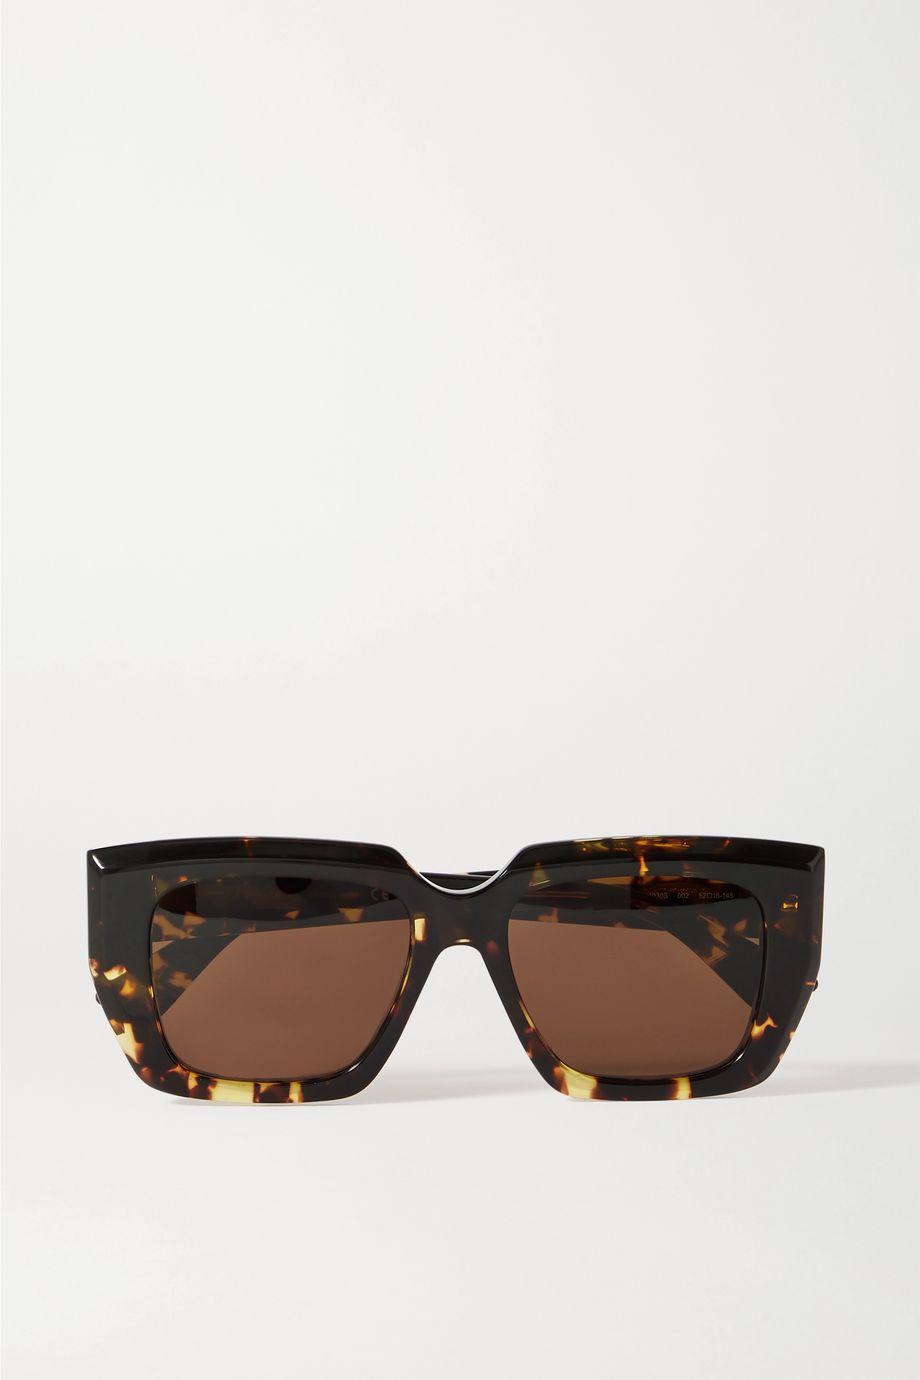 Bottega Veneta 超大款玳瑁纹板材方框太阳镜